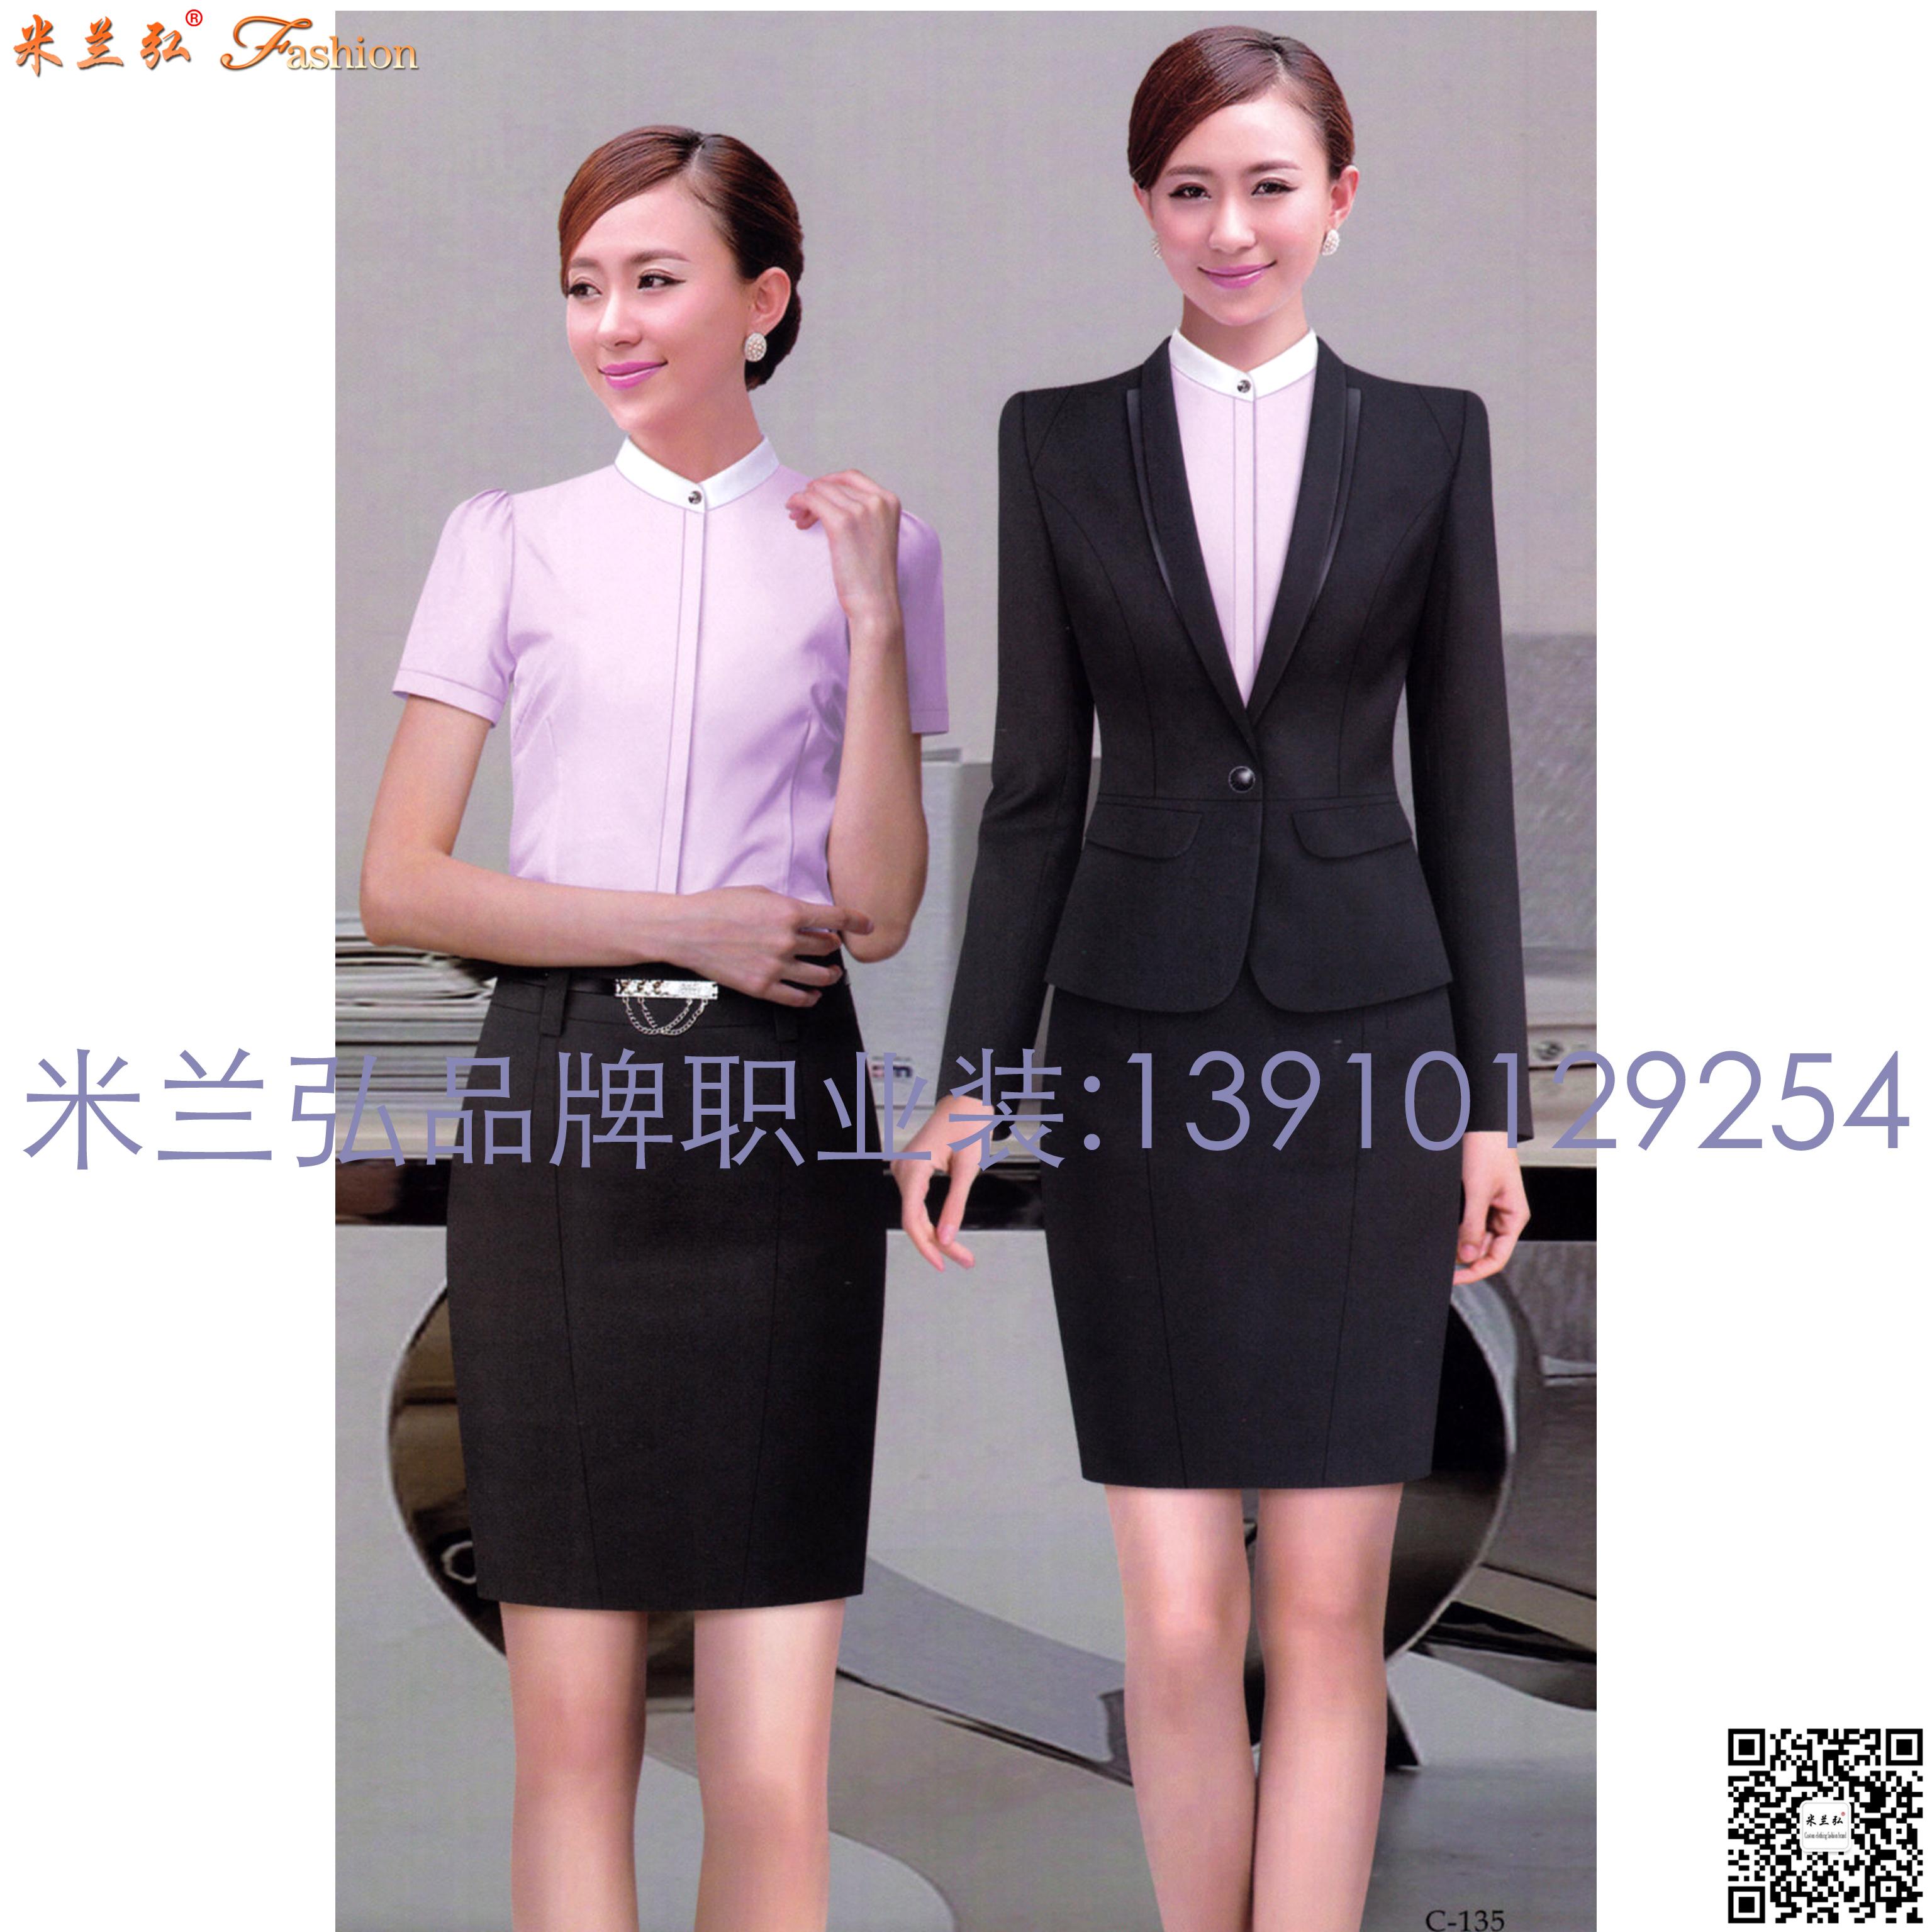 北京哪里可以定做西服北京西服時尚職業裝韓版女裝量身定做西服辦公室制服定做-1